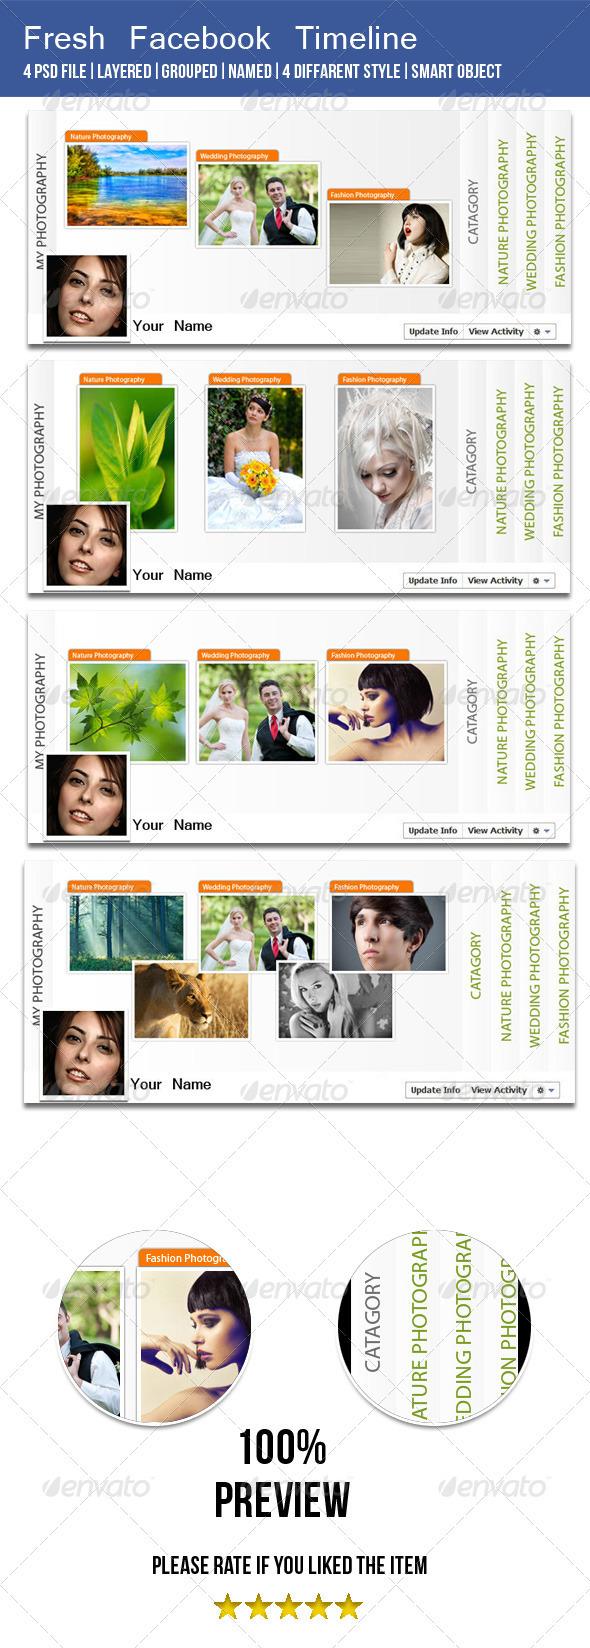 Fresh fb Timeline Cover Image - Facebook Timeline Covers Social Media